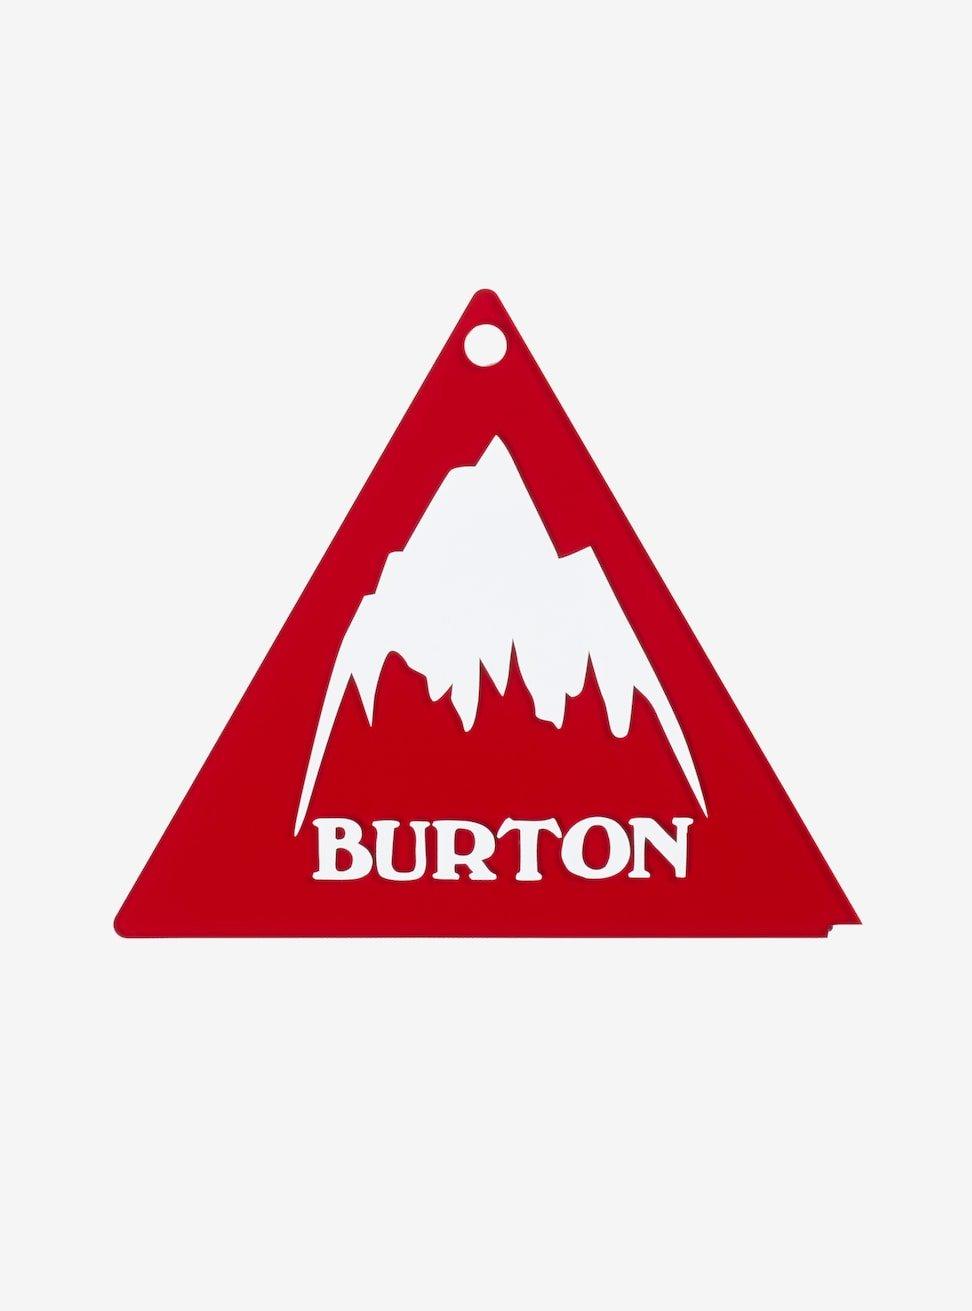 Burton Tri-Scraper Snowboard Wax Scraper